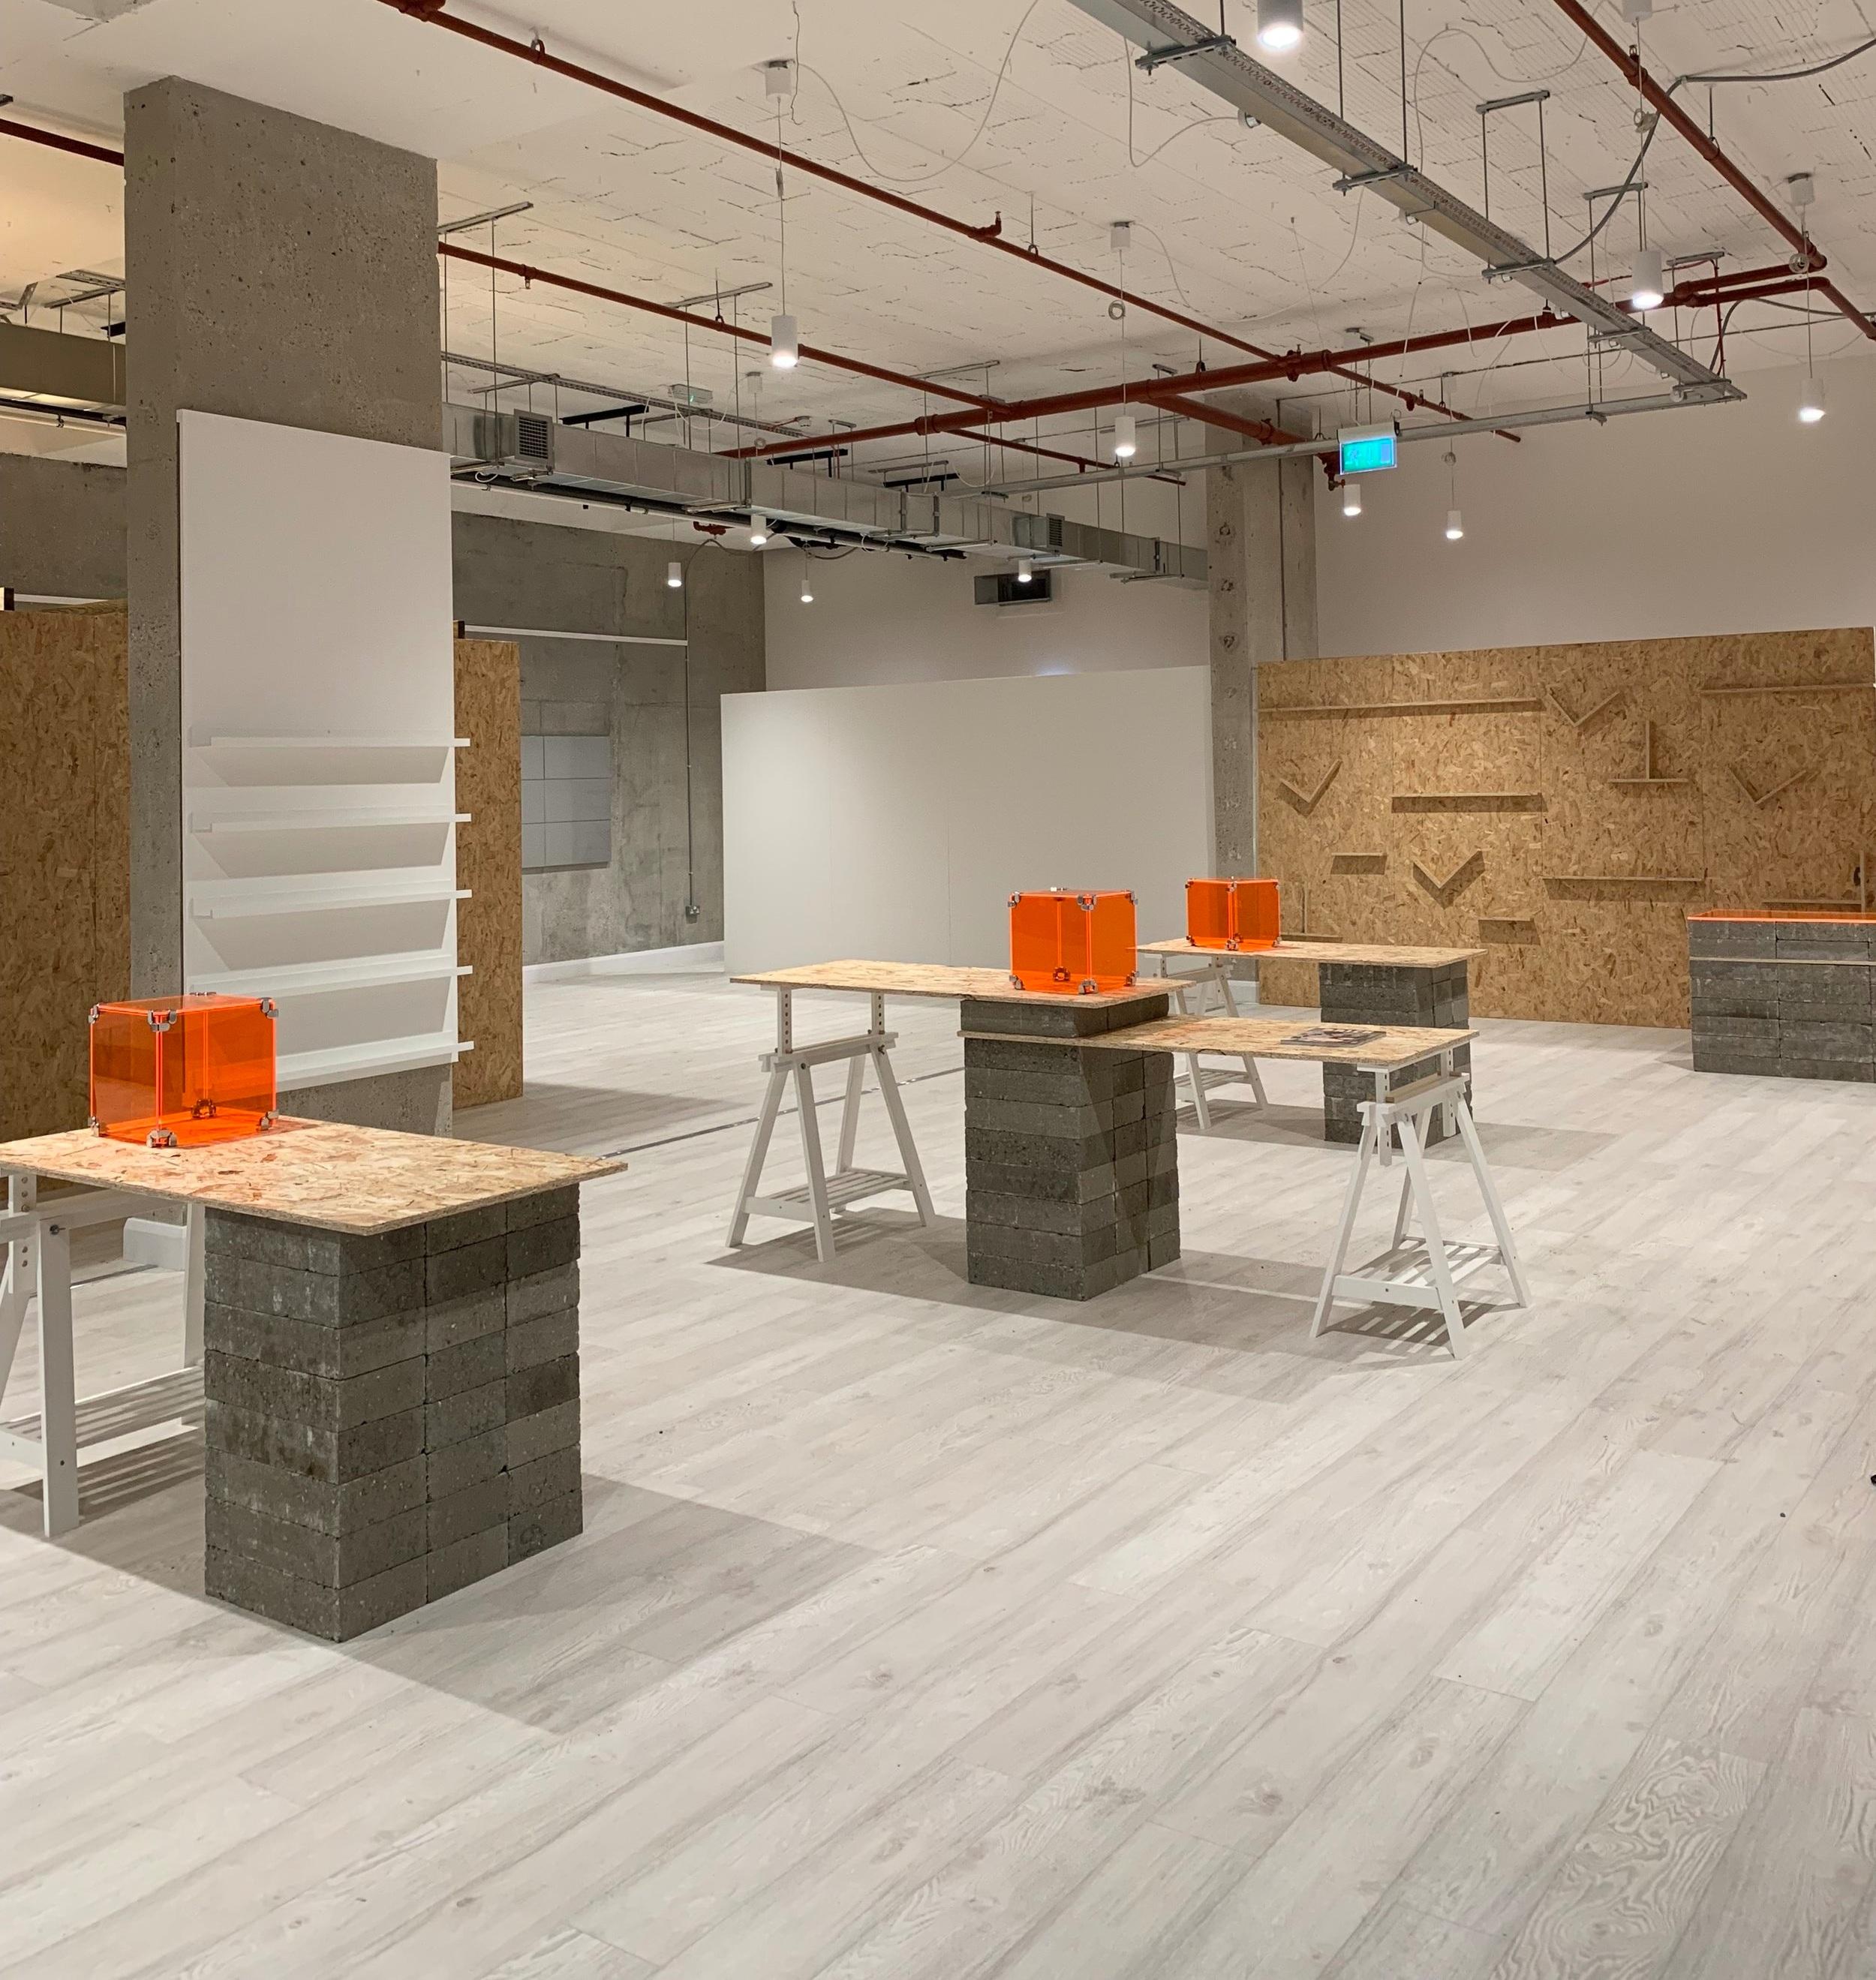 BRICK Mag - pop up retail space / hammersmith